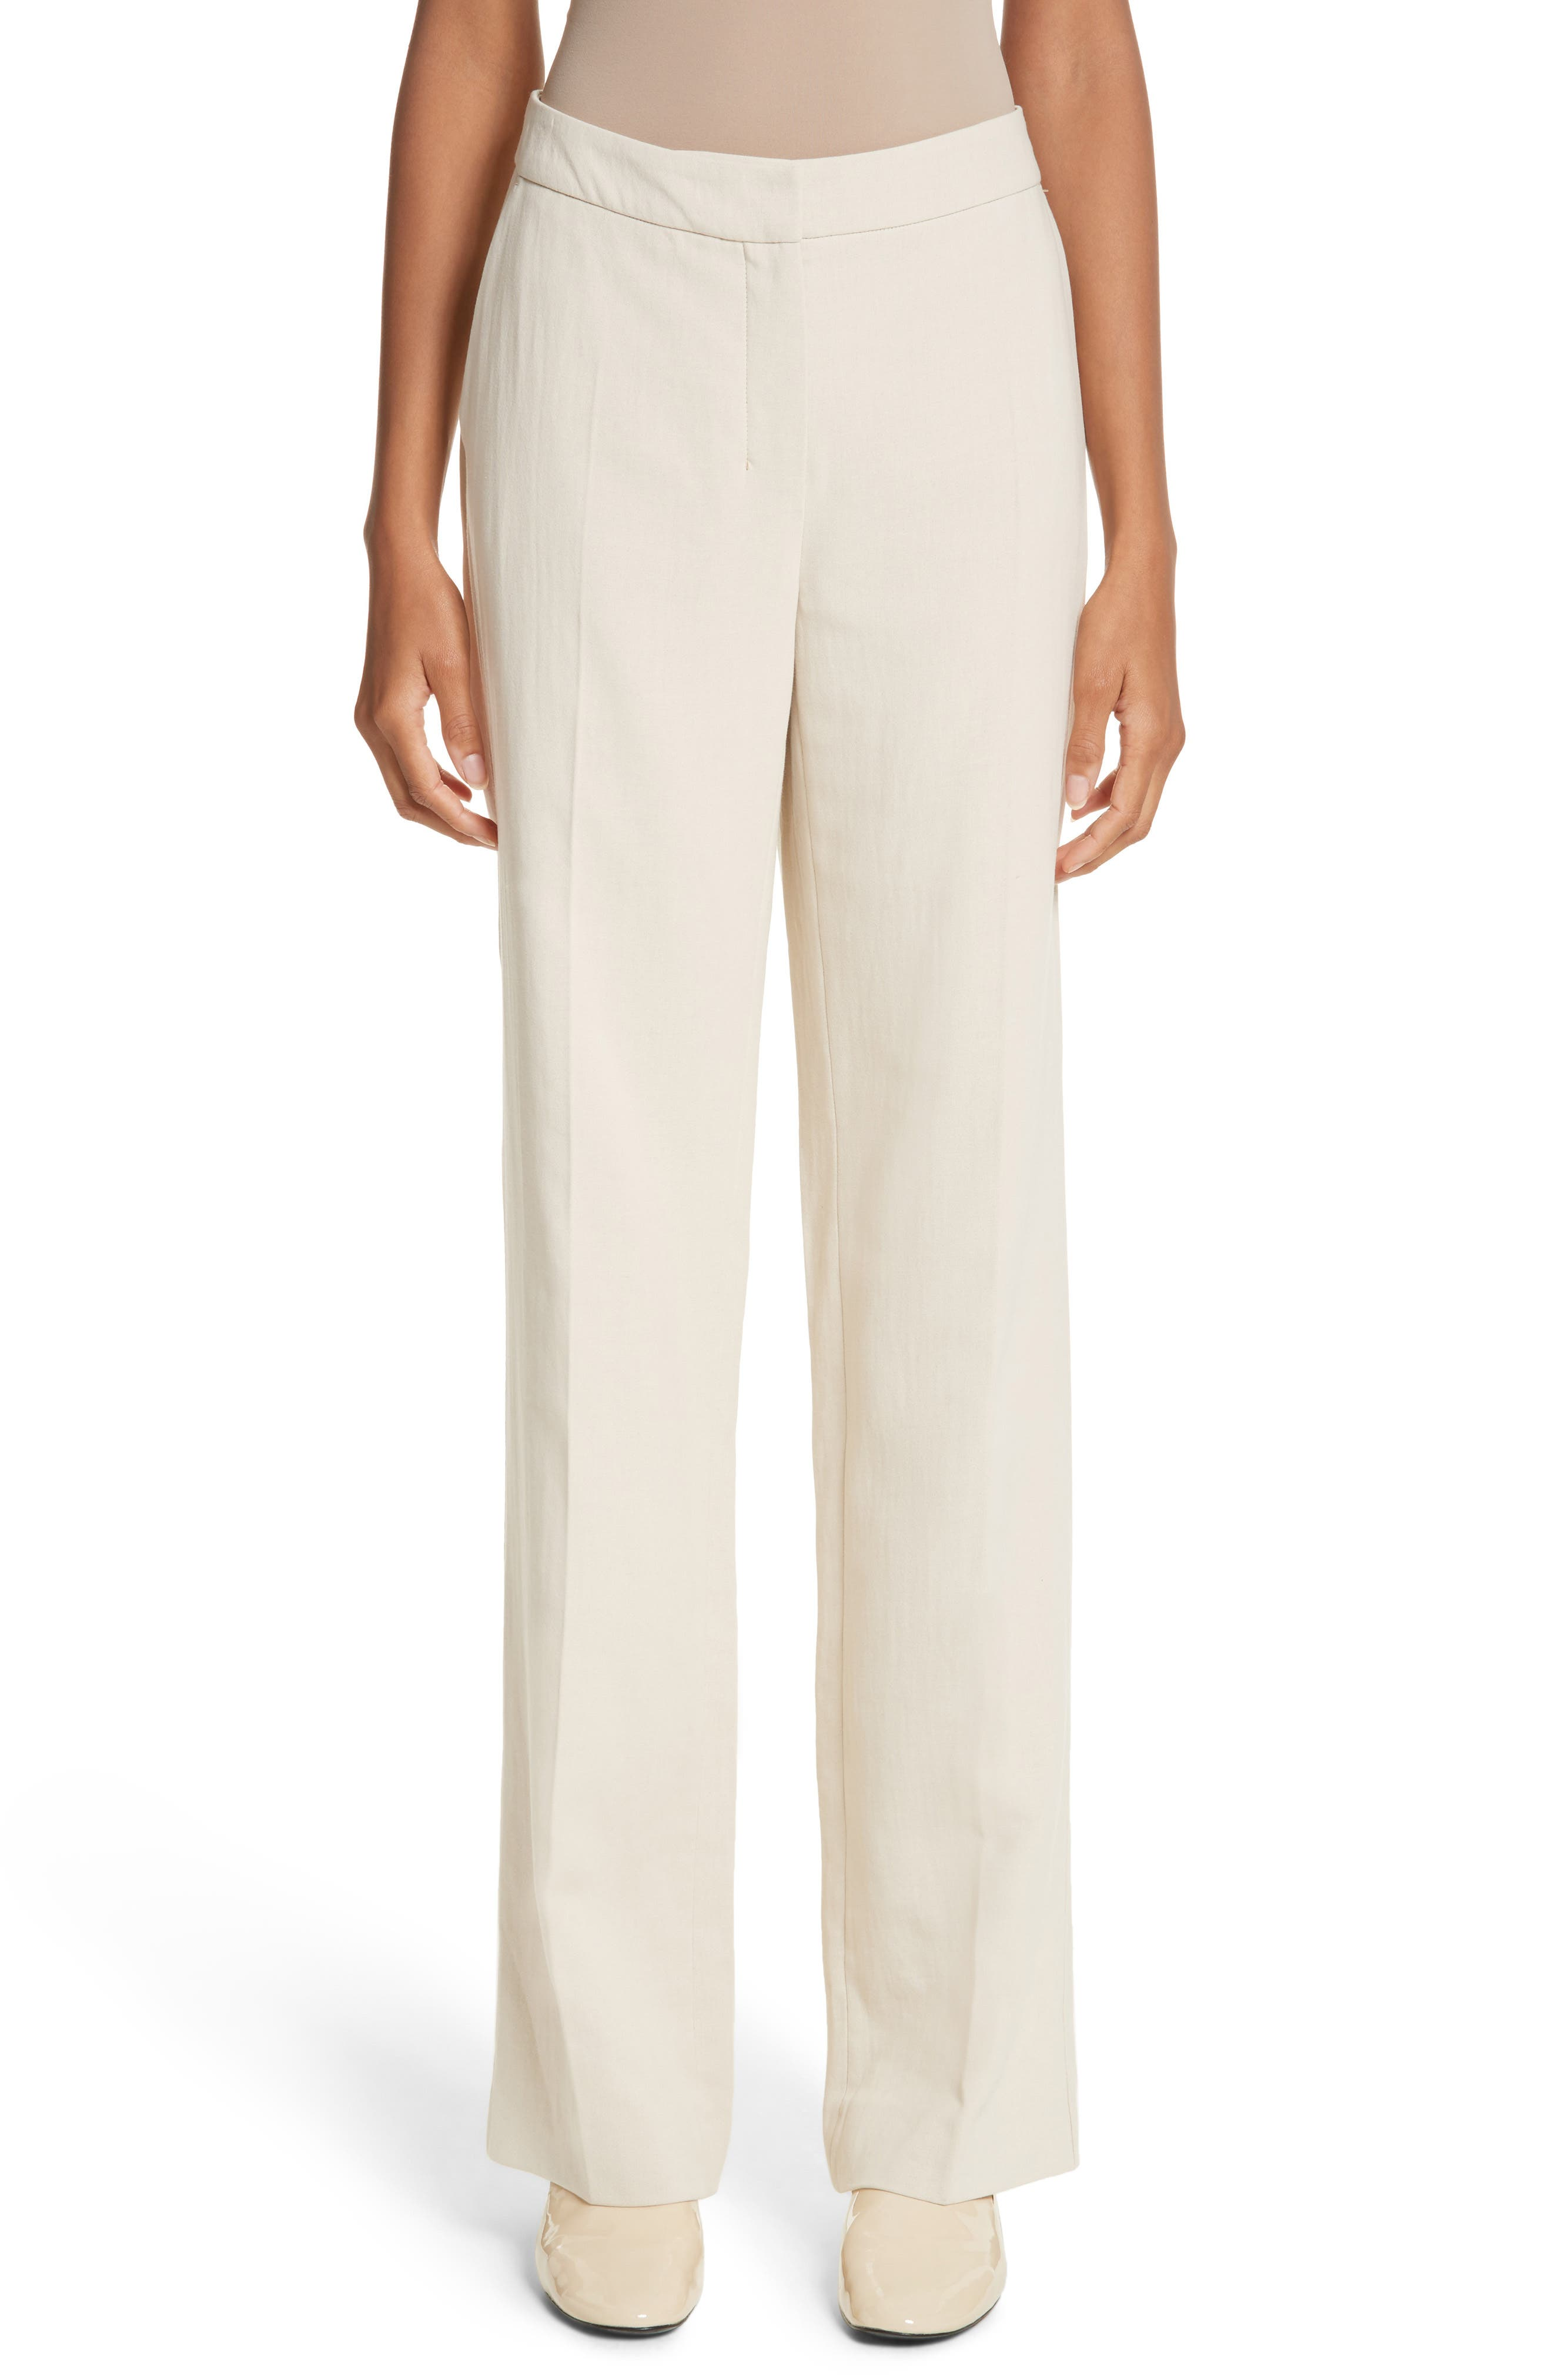 MAX MARA Cursore Cotton Wide Leg Pants, Main, color, 900